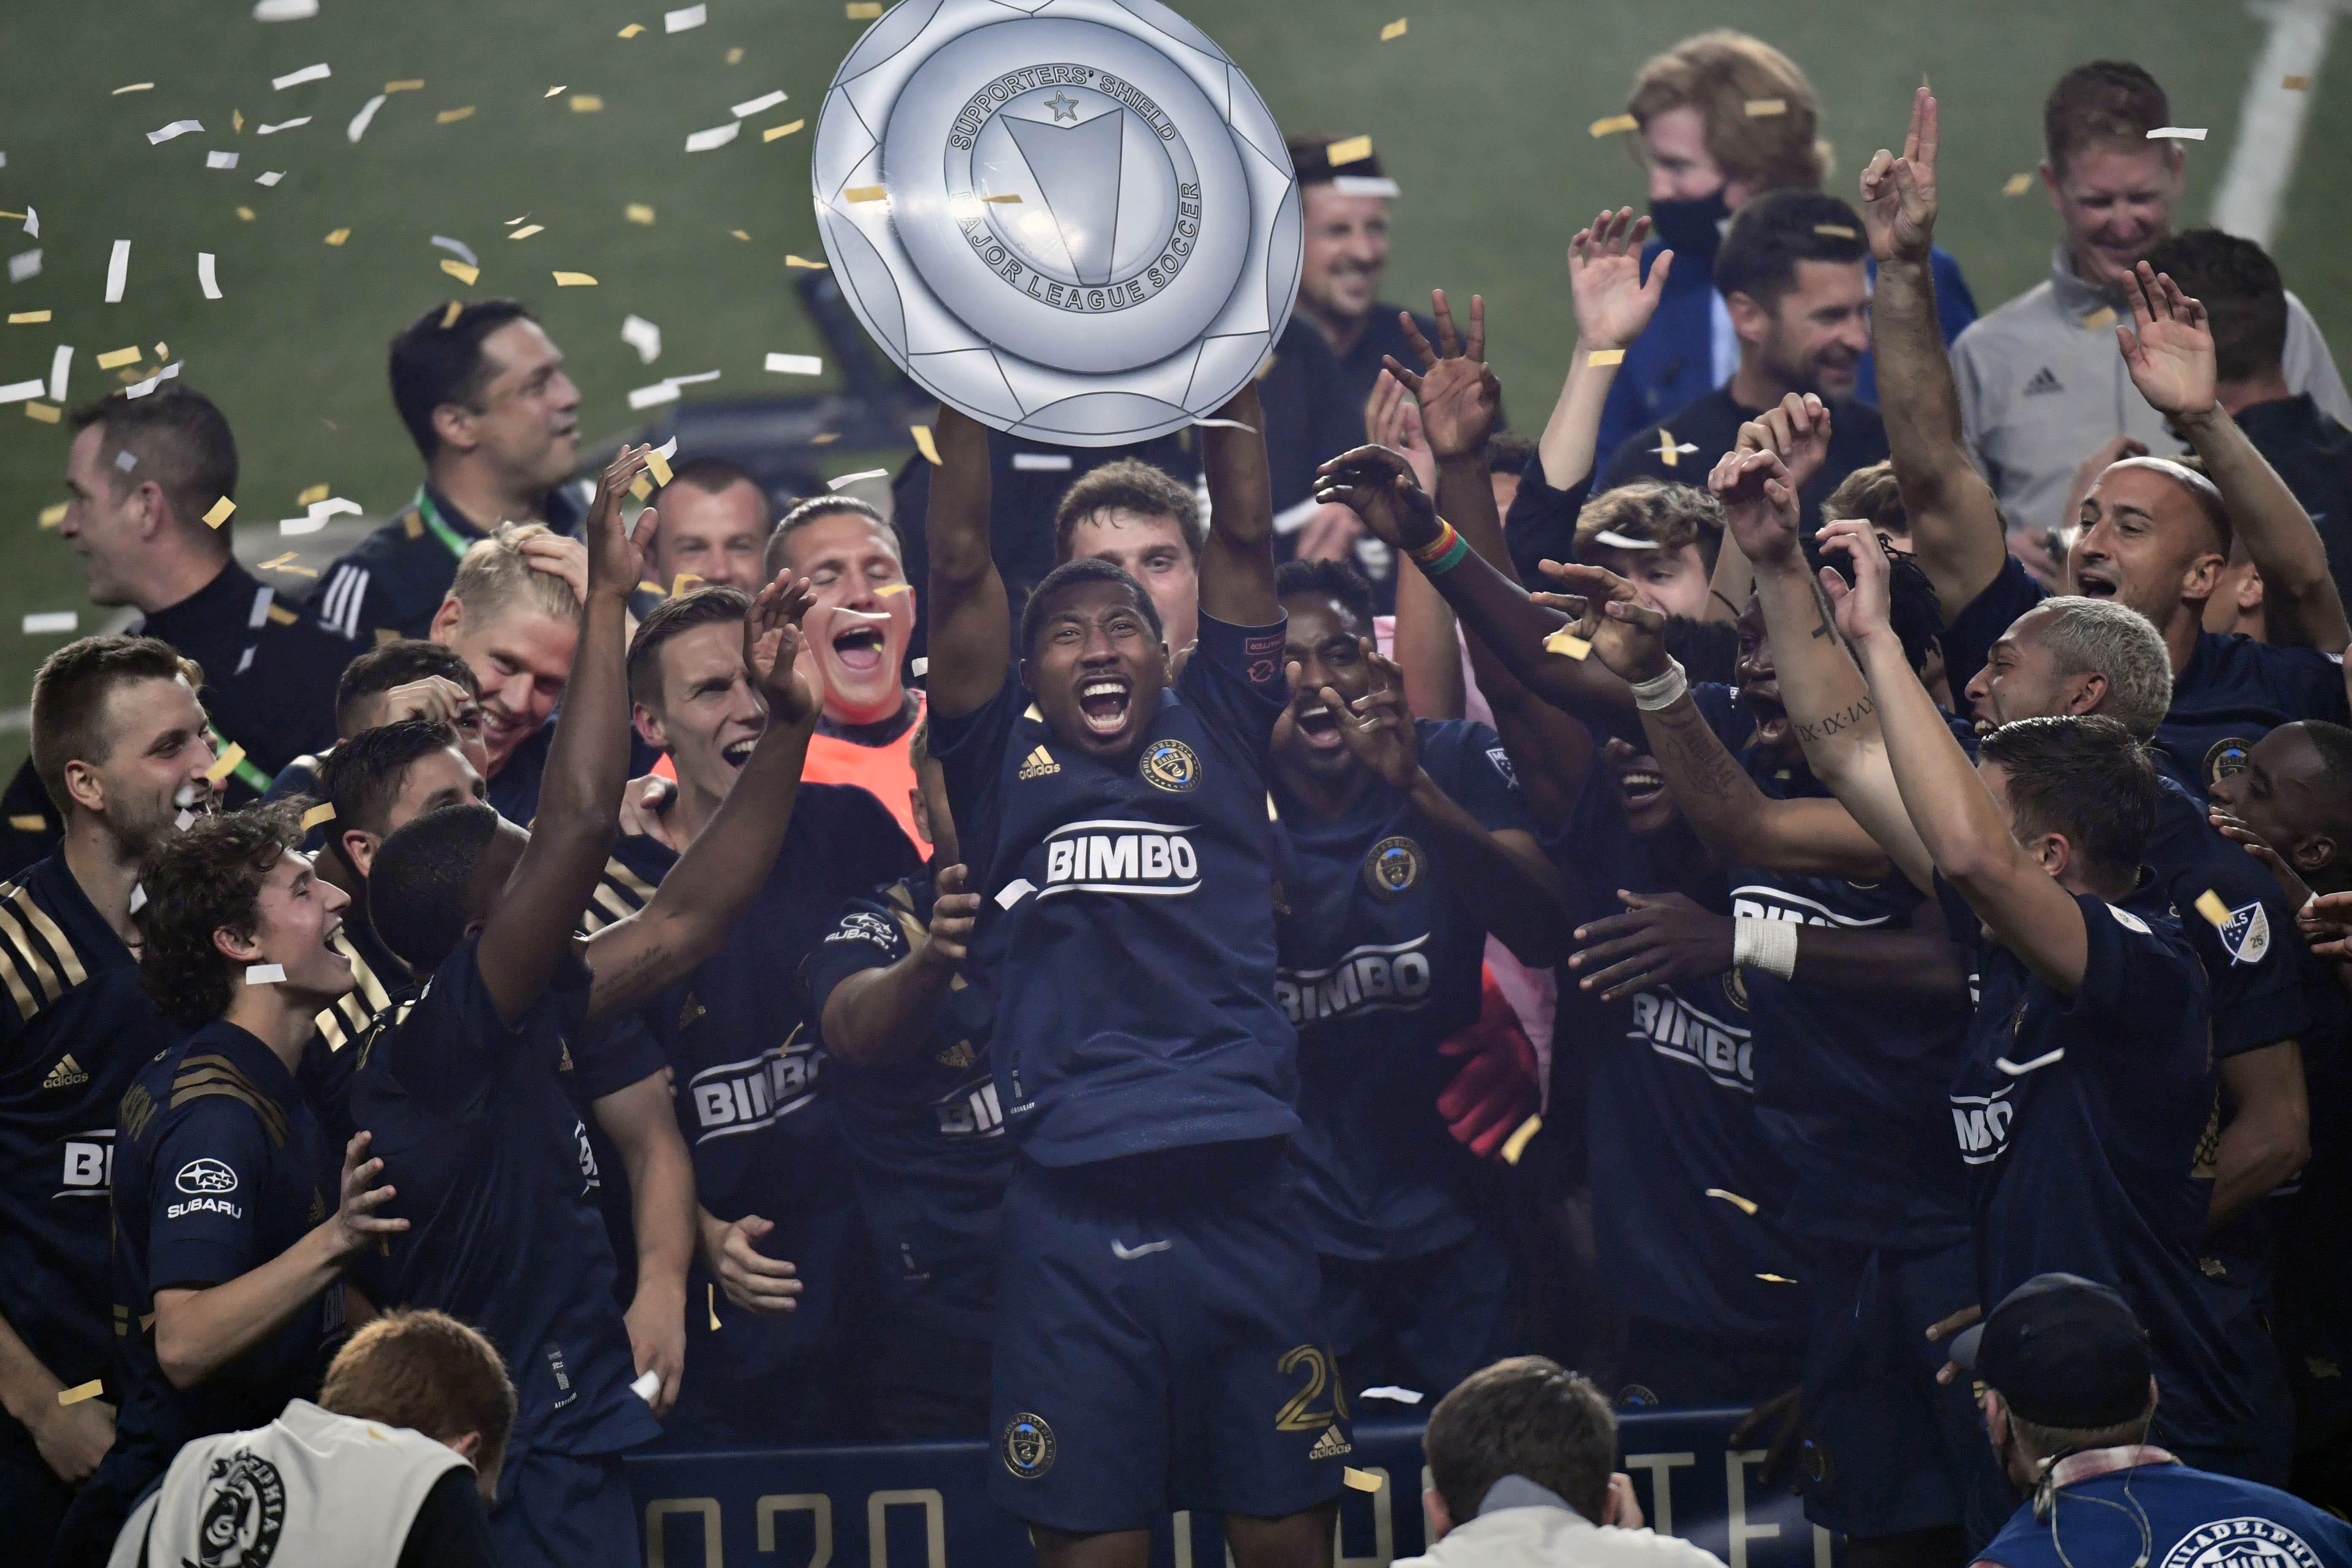 MLS Cup playoffs: Bracket, schedule and scores